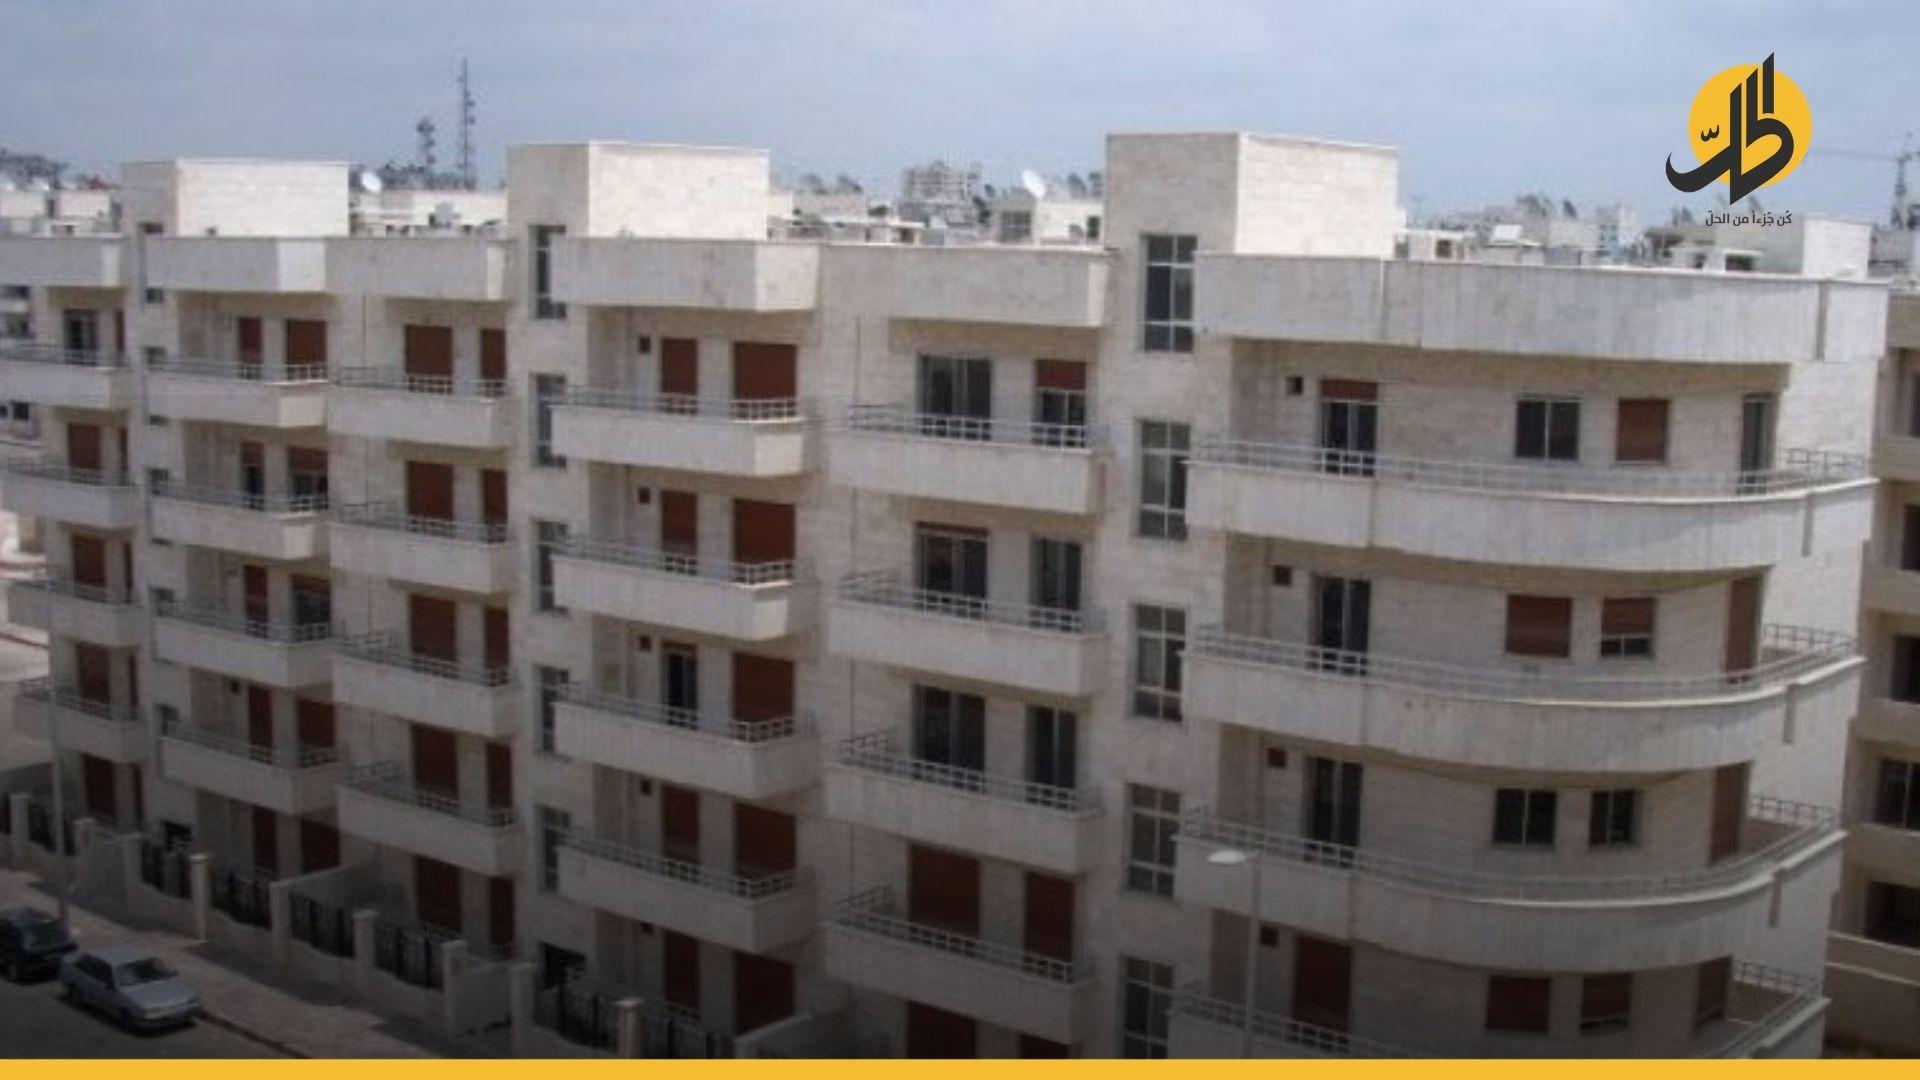 دمشق.. نصف مليون ليرة لإيجار شقة وعلى الهيكل بـ 100 ألف